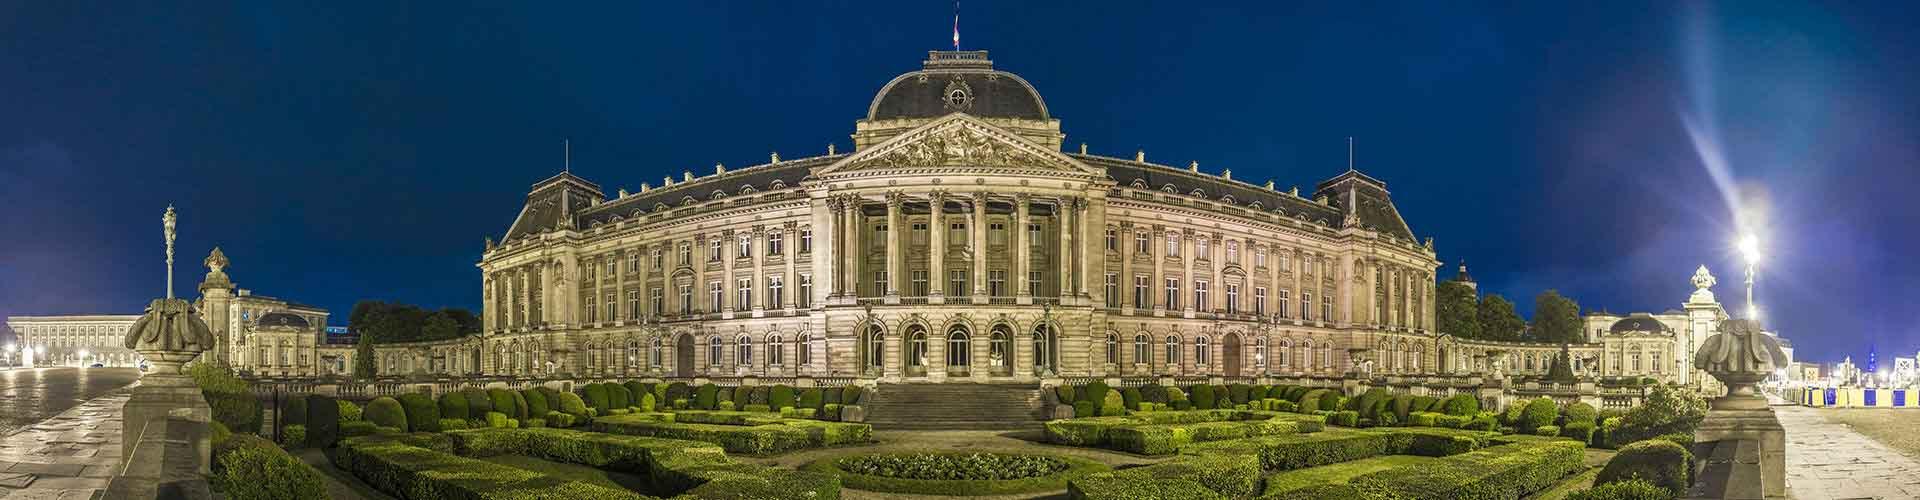 布鲁塞尔 – Bruxelles-ville区的青年旅馆。布鲁塞尔 地图,布鲁塞尔 每间青年旅馆的照片和评分。